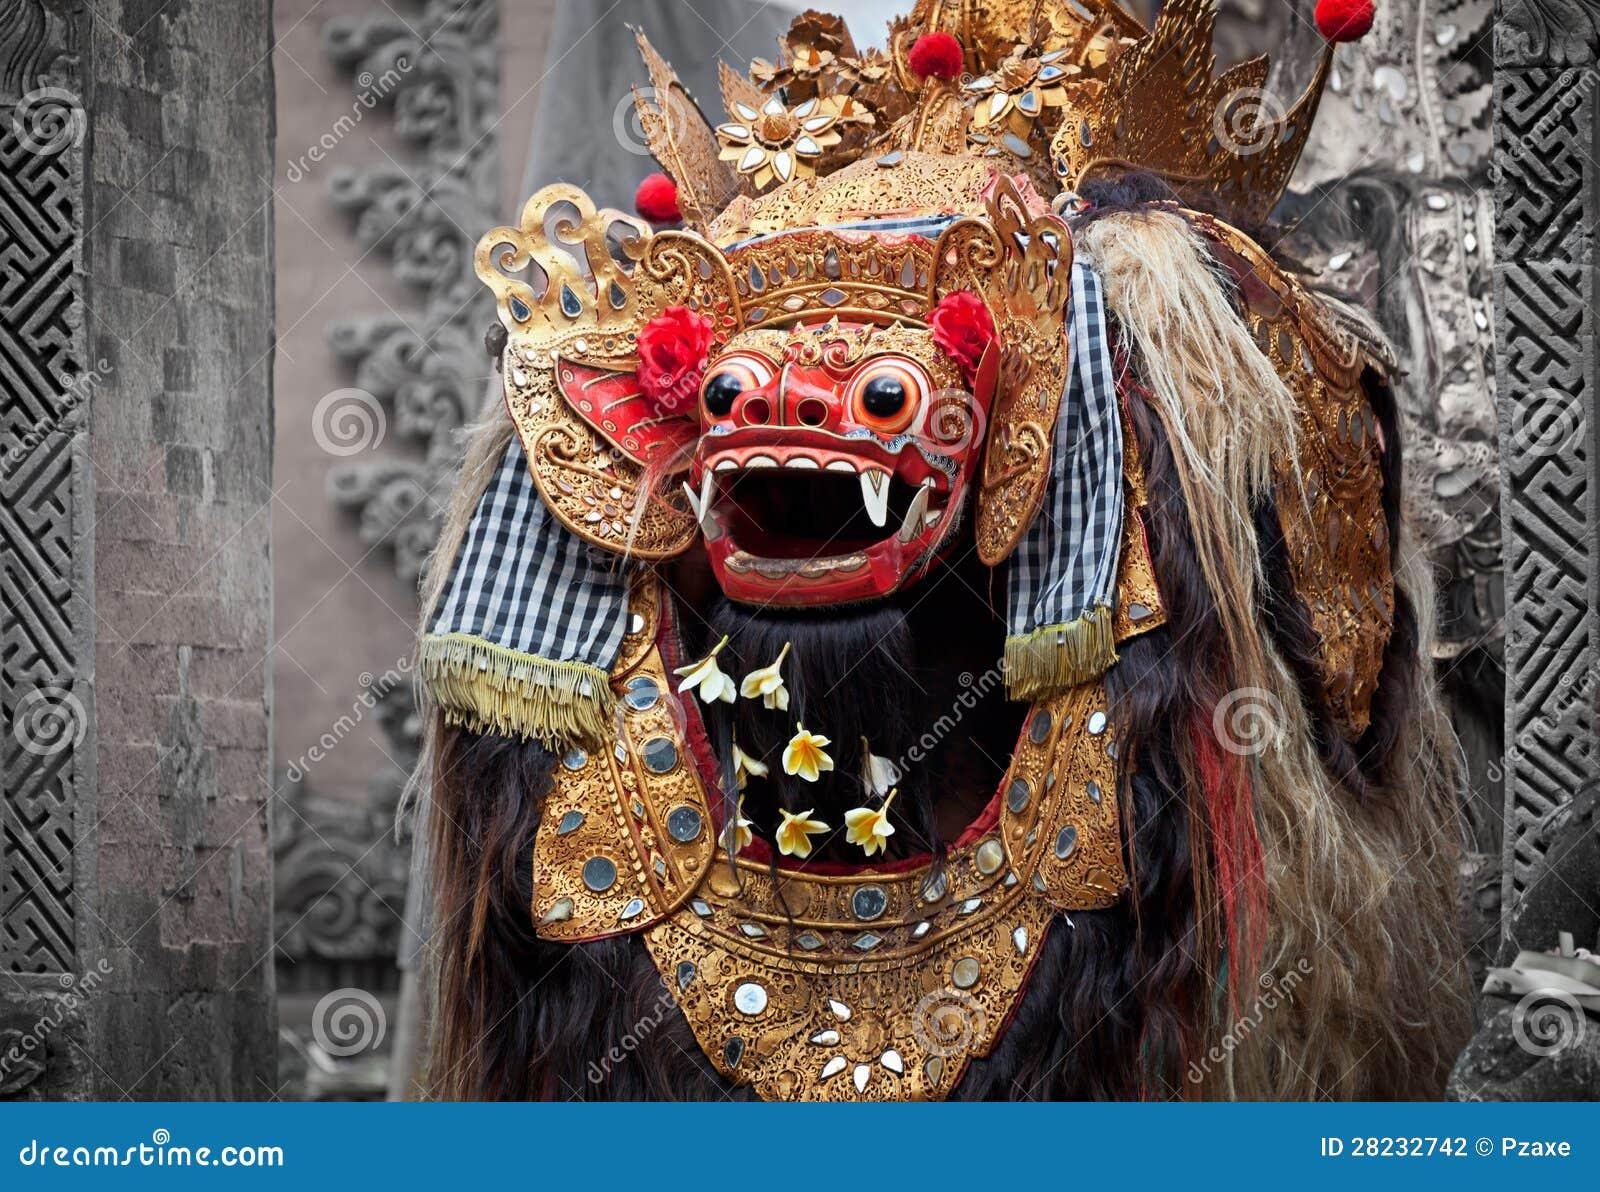 Barong - характер в мифологии Бали, Индонезия.